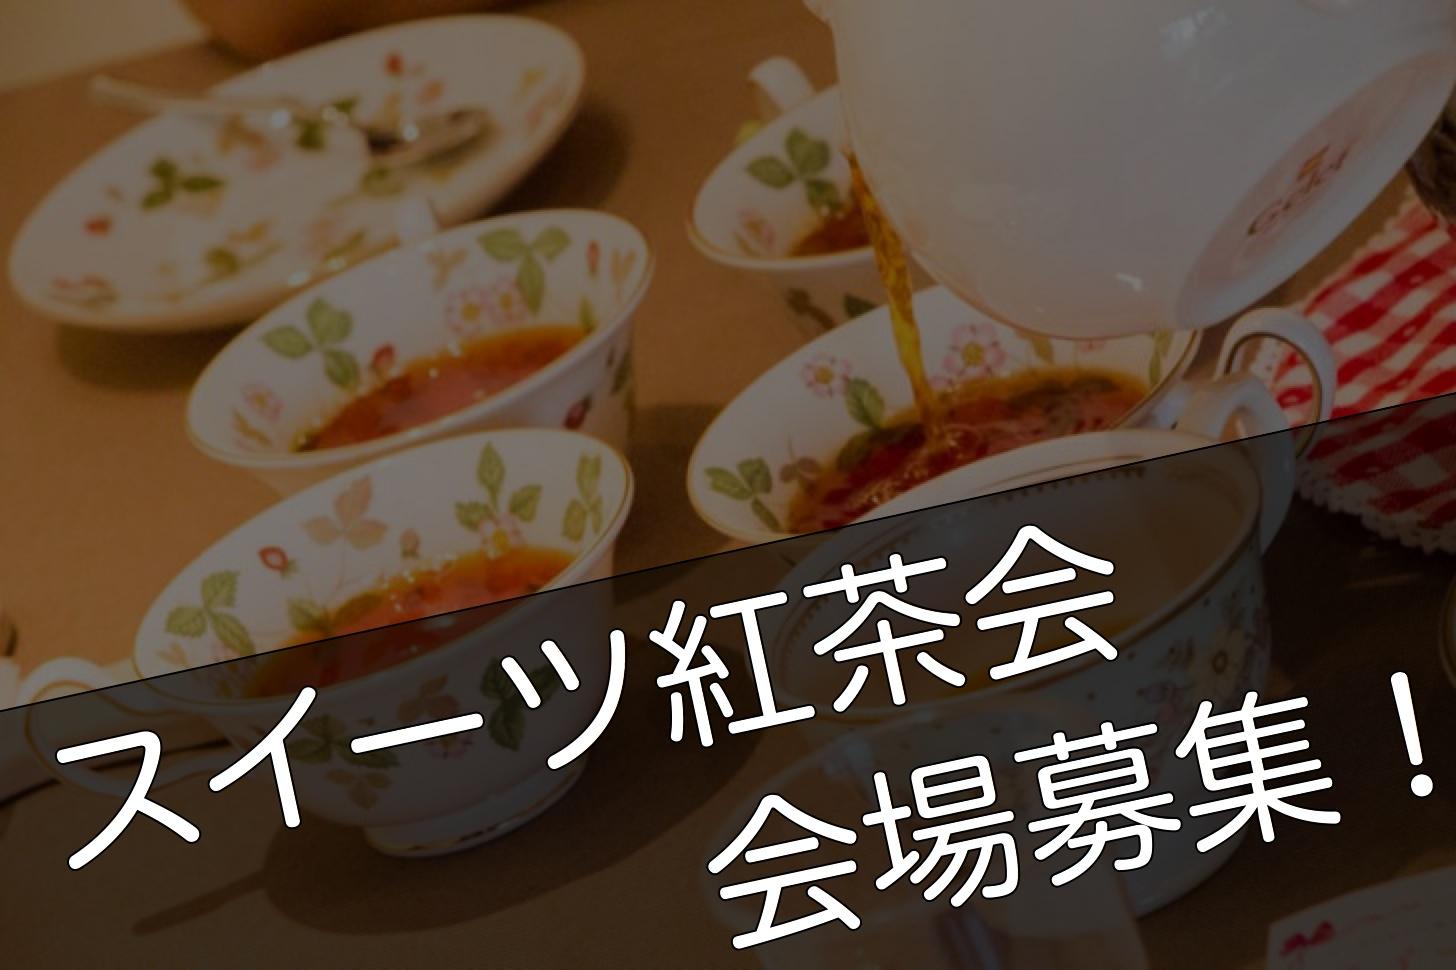 【募集】スイーツ紅茶会の開催場所